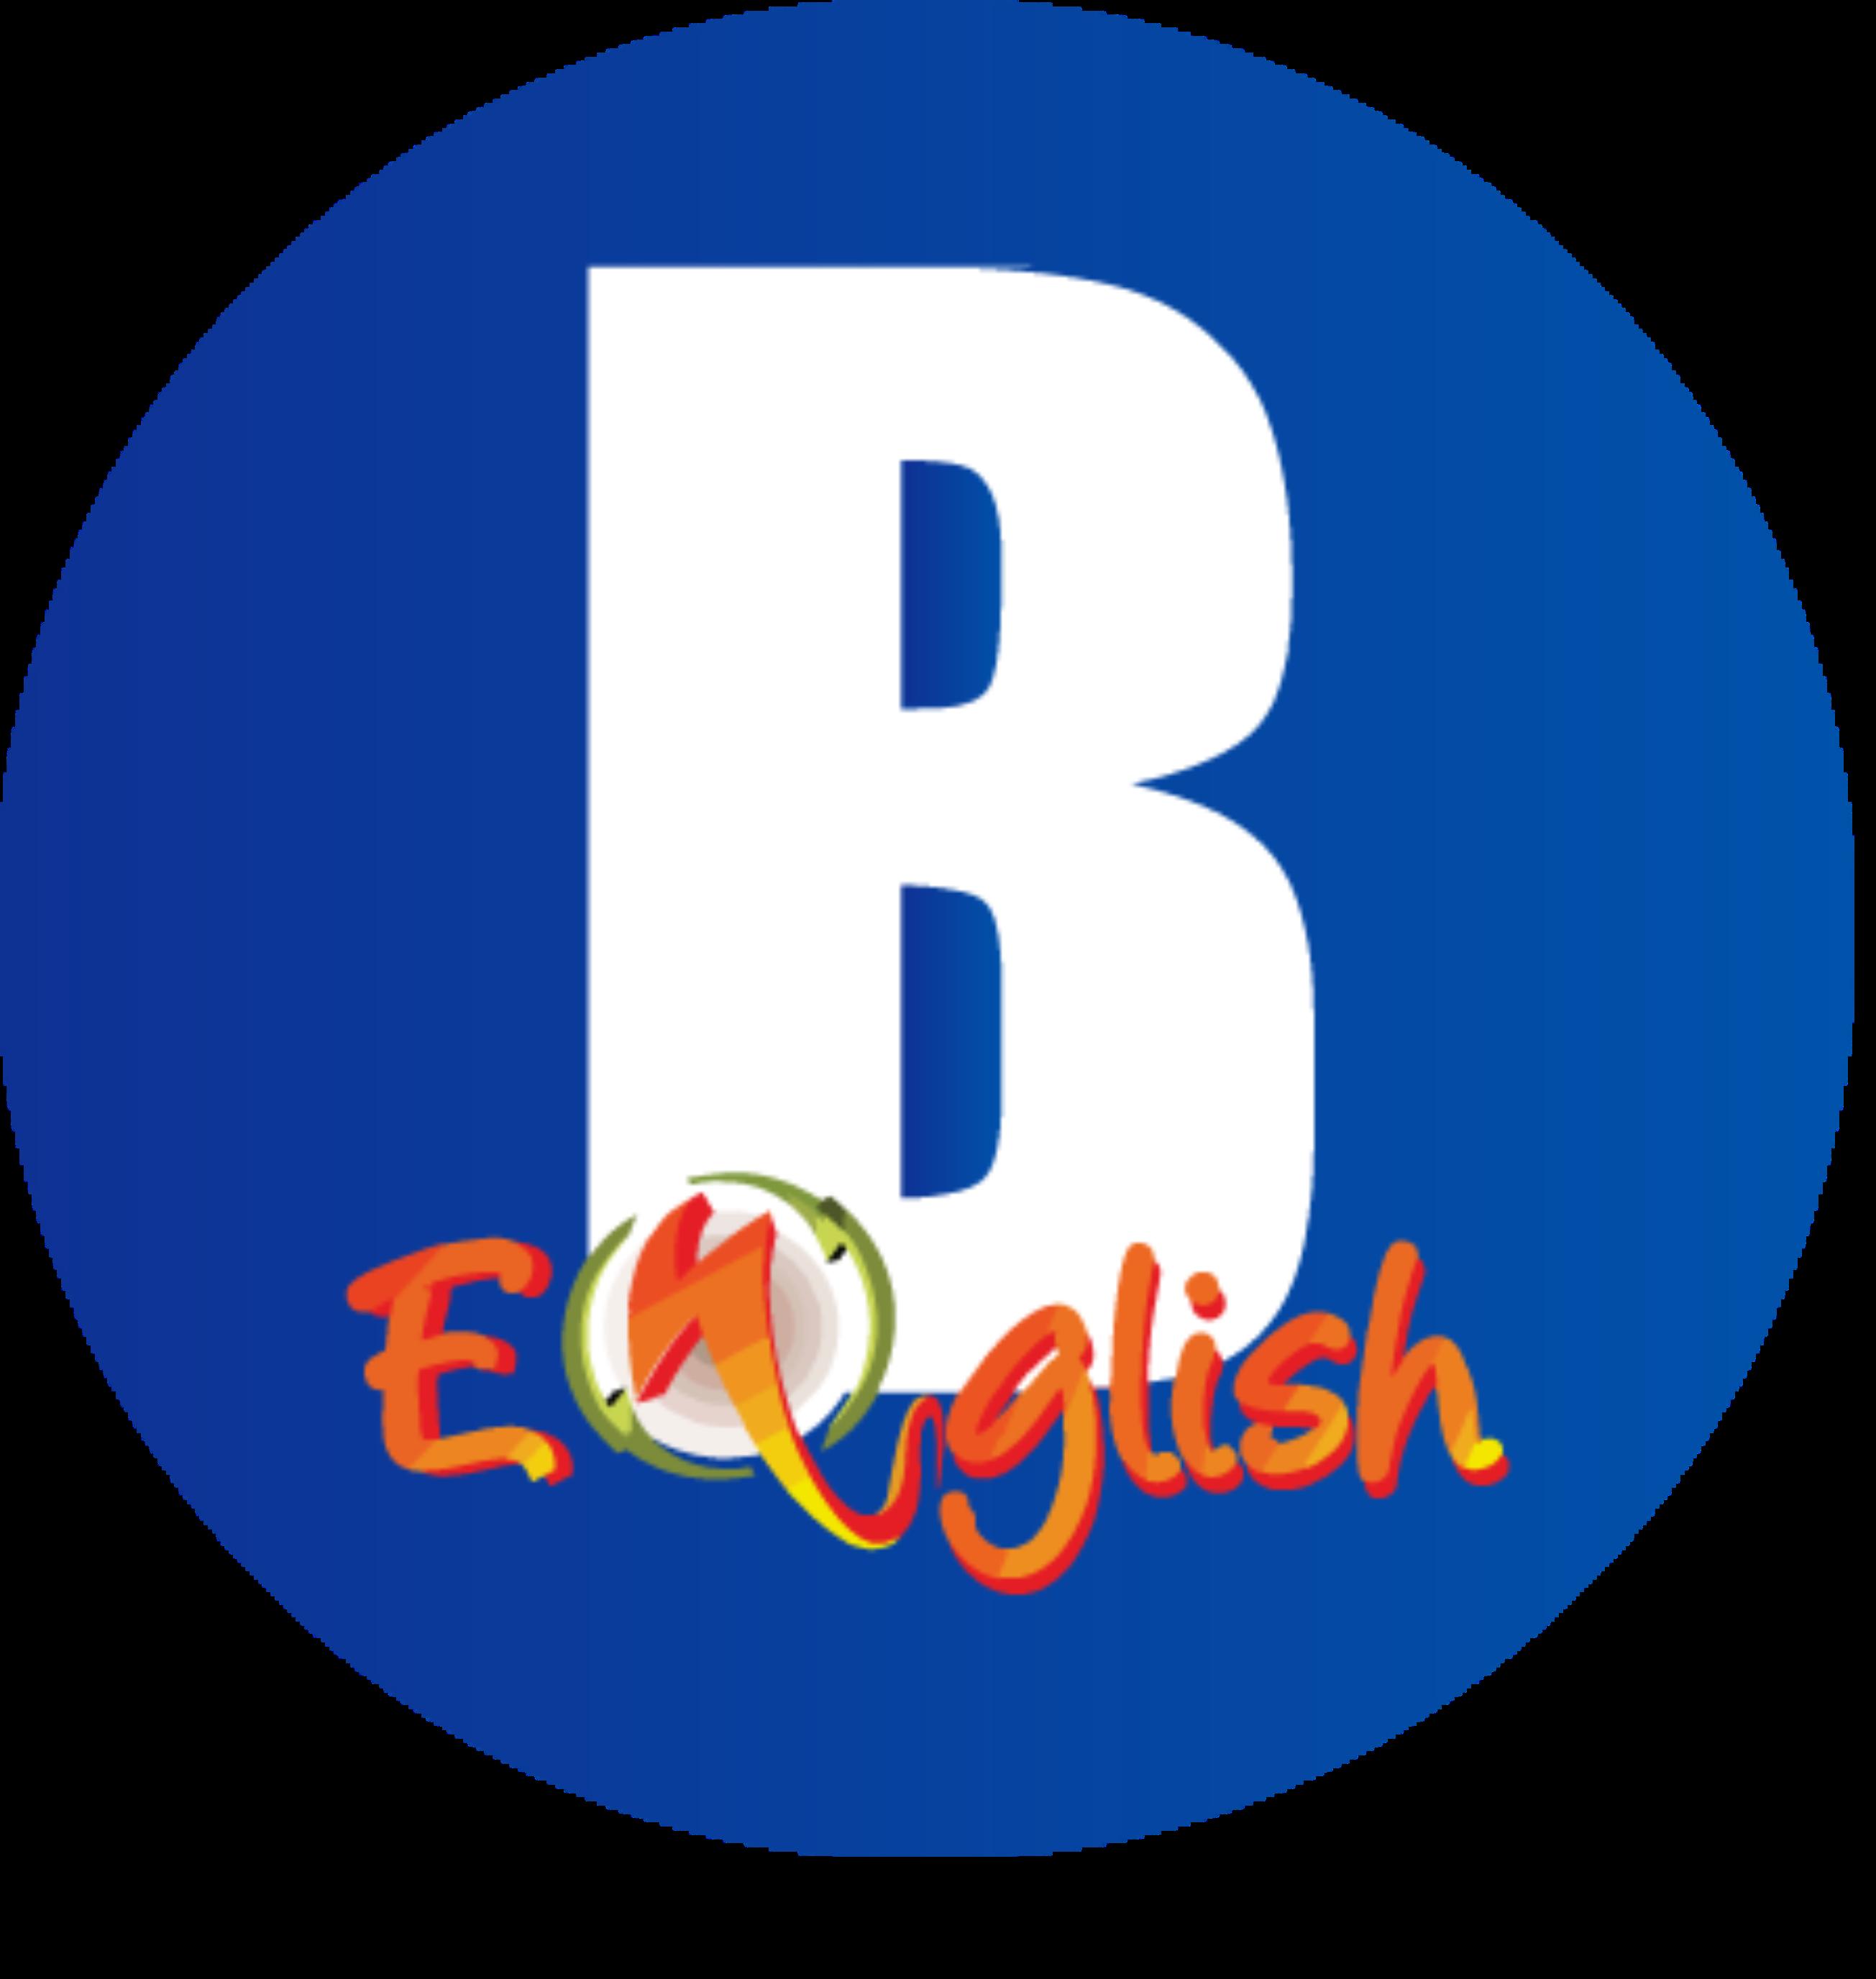 Curso de Ingles - B-English